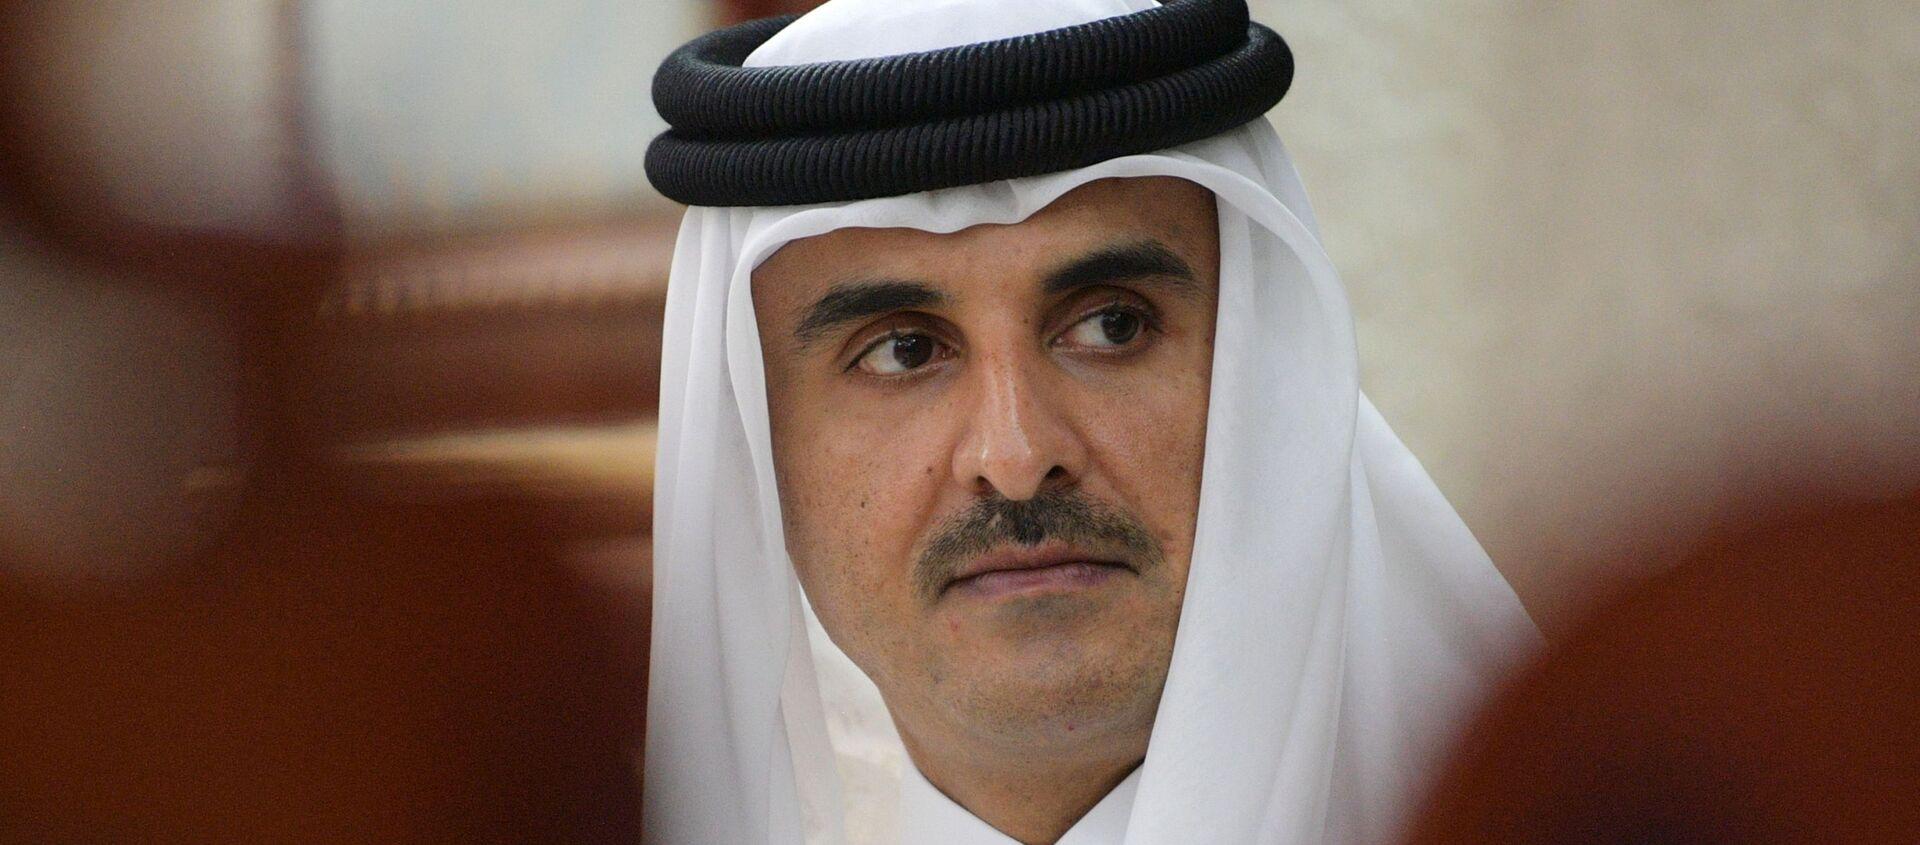 L'émir du Qatar Tamim ben Hamad Al Thani  - Sputnik France, 1920, 05.01.2021